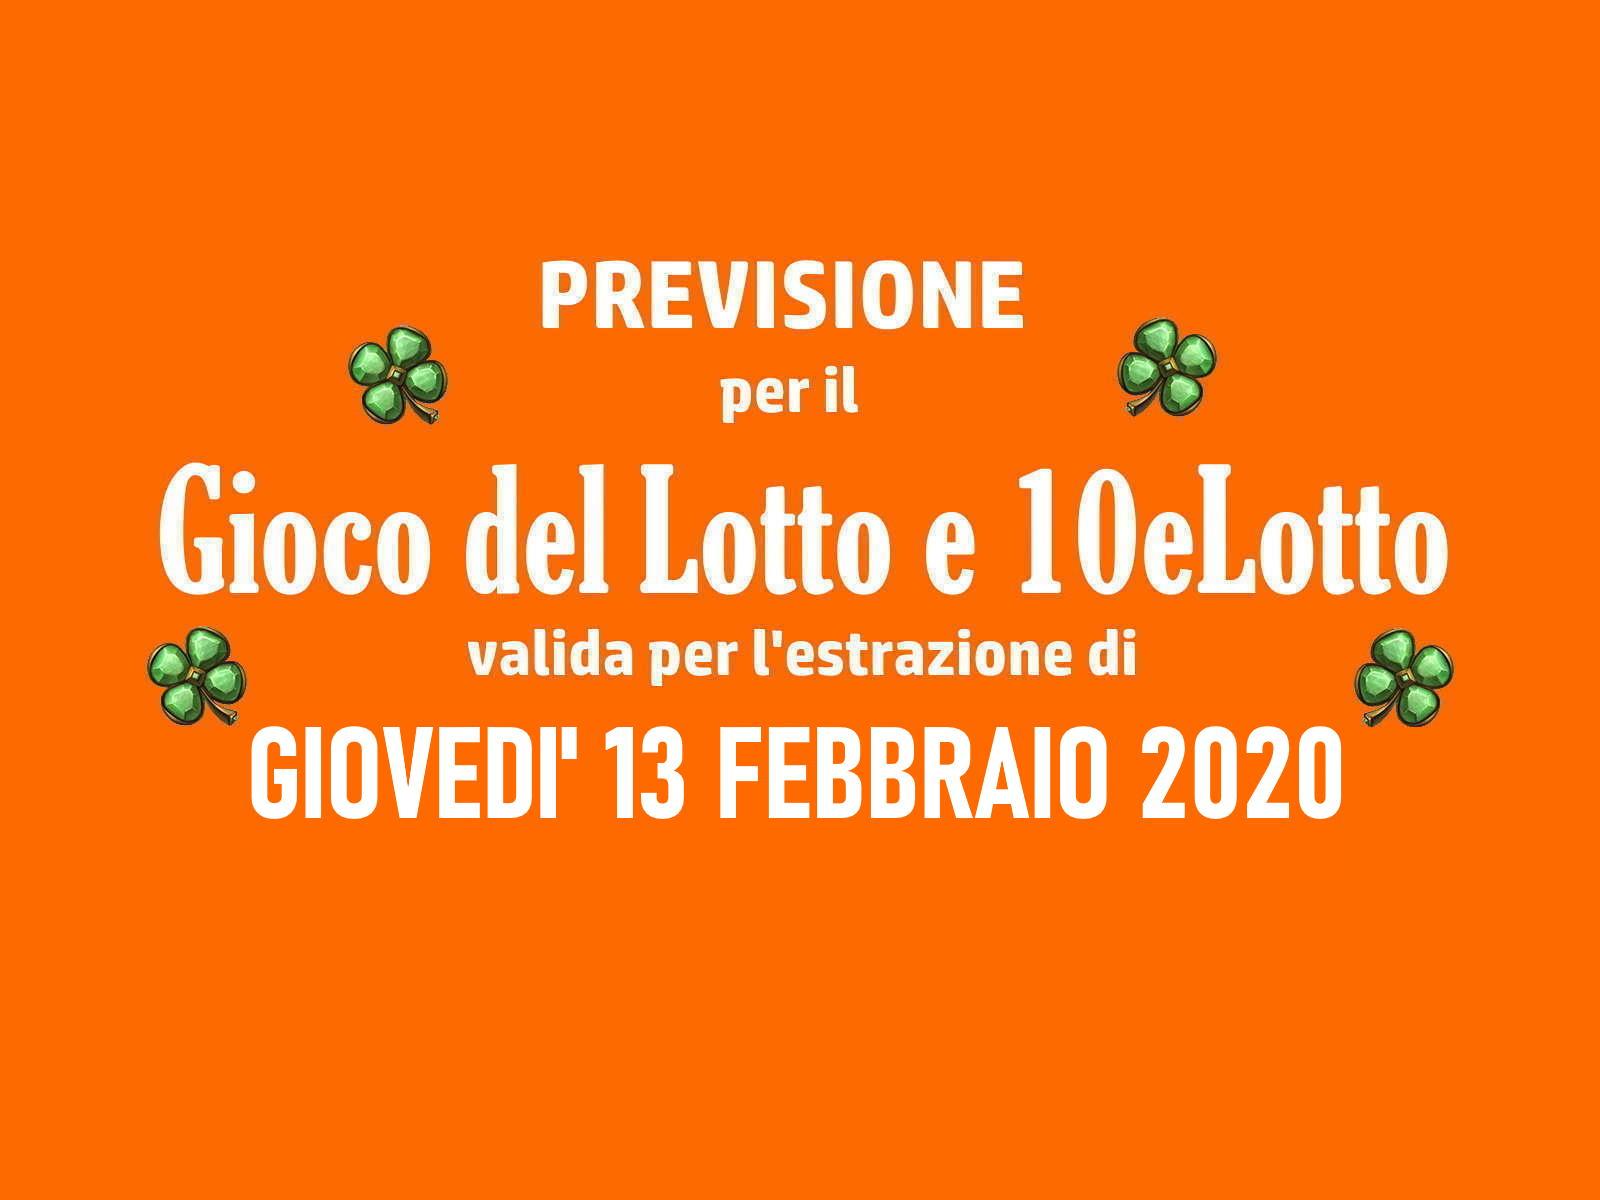 Previsione Lotto 13 Febbraio 2020